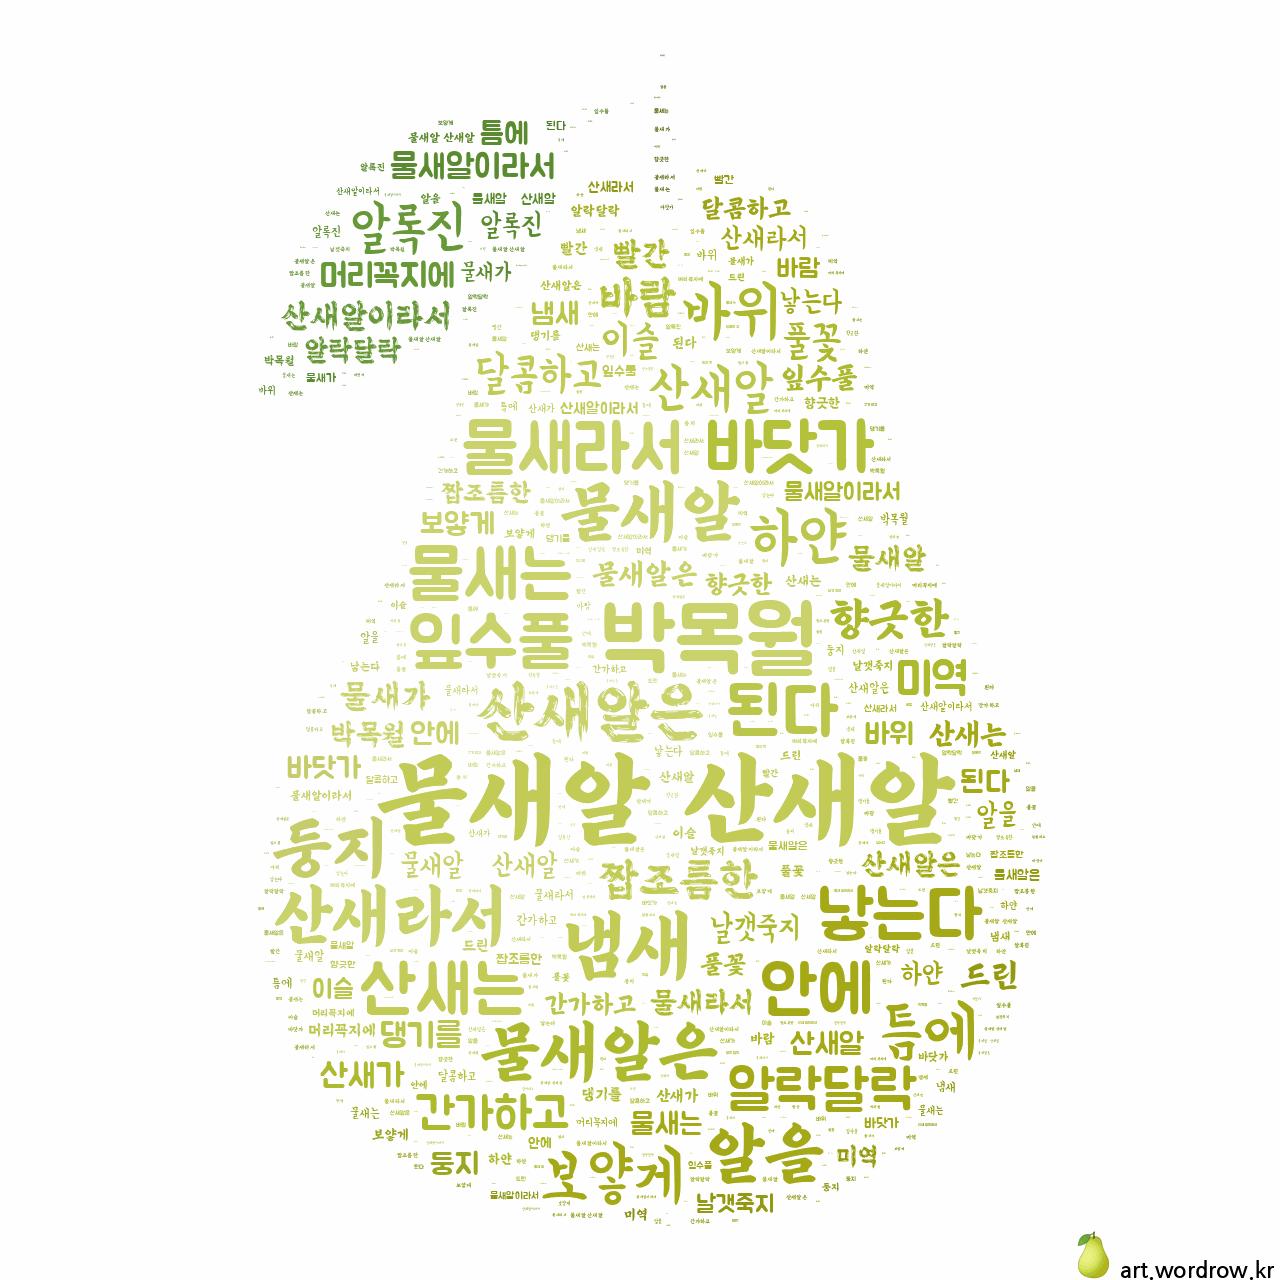 워드 클라우드: 물새알 산새알 [박목월]-36